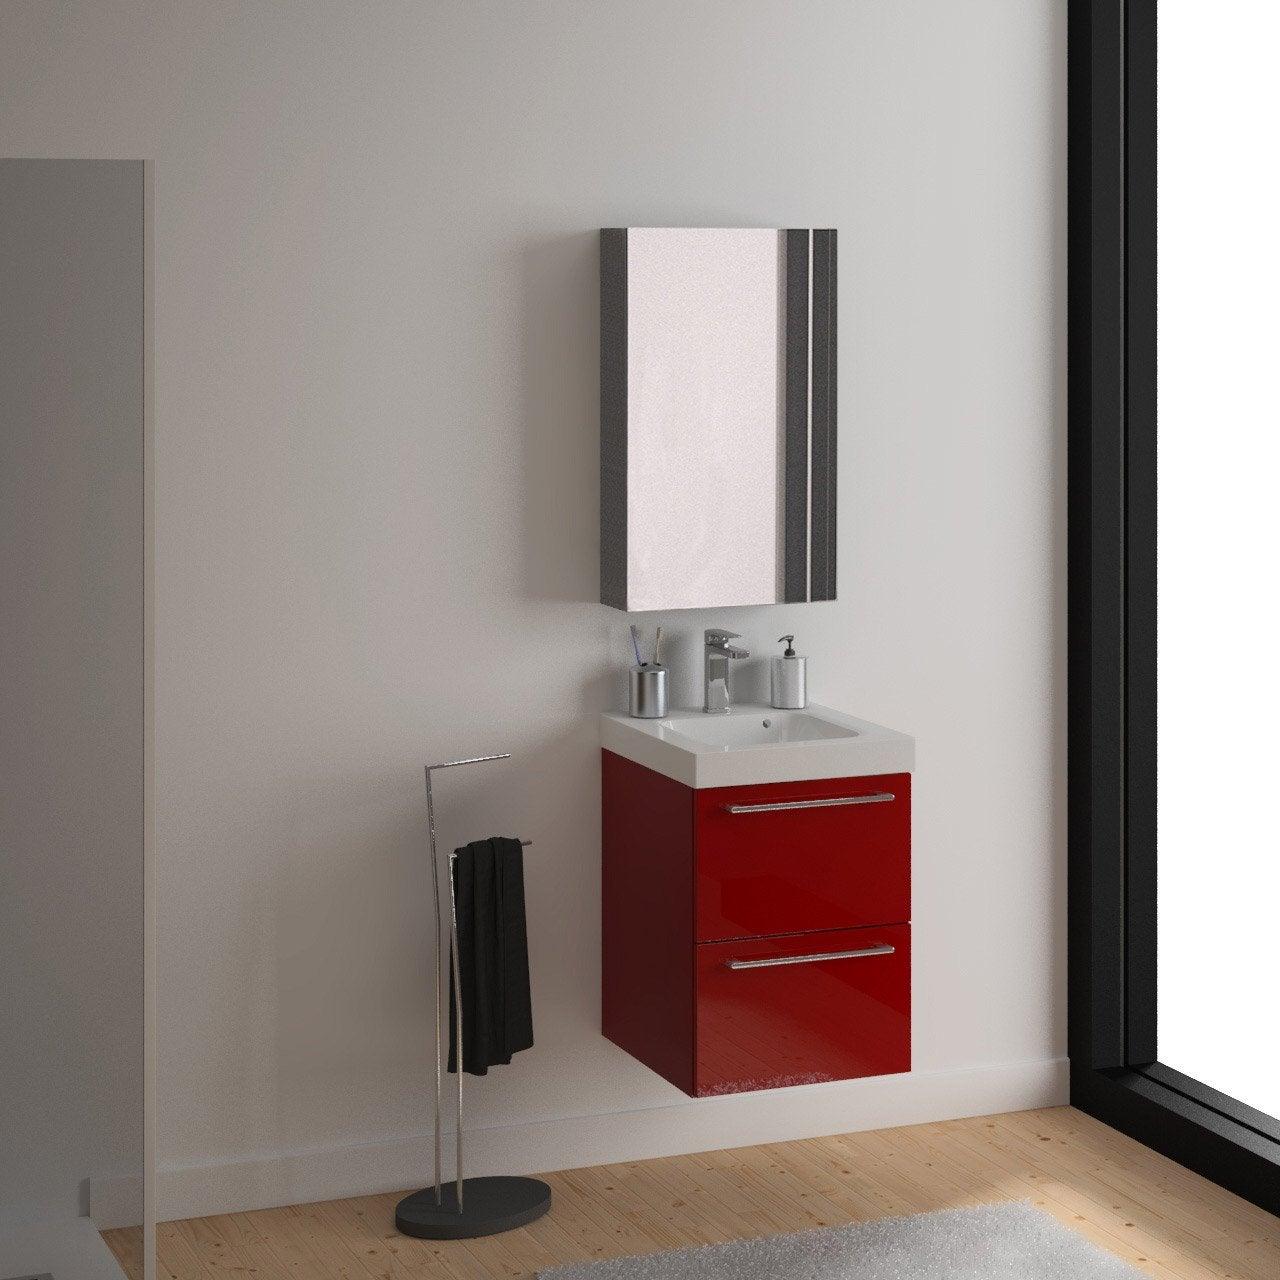 Salle de bain rouge leroy merlin d salle de bains rouge - Salle de bains rouge ...